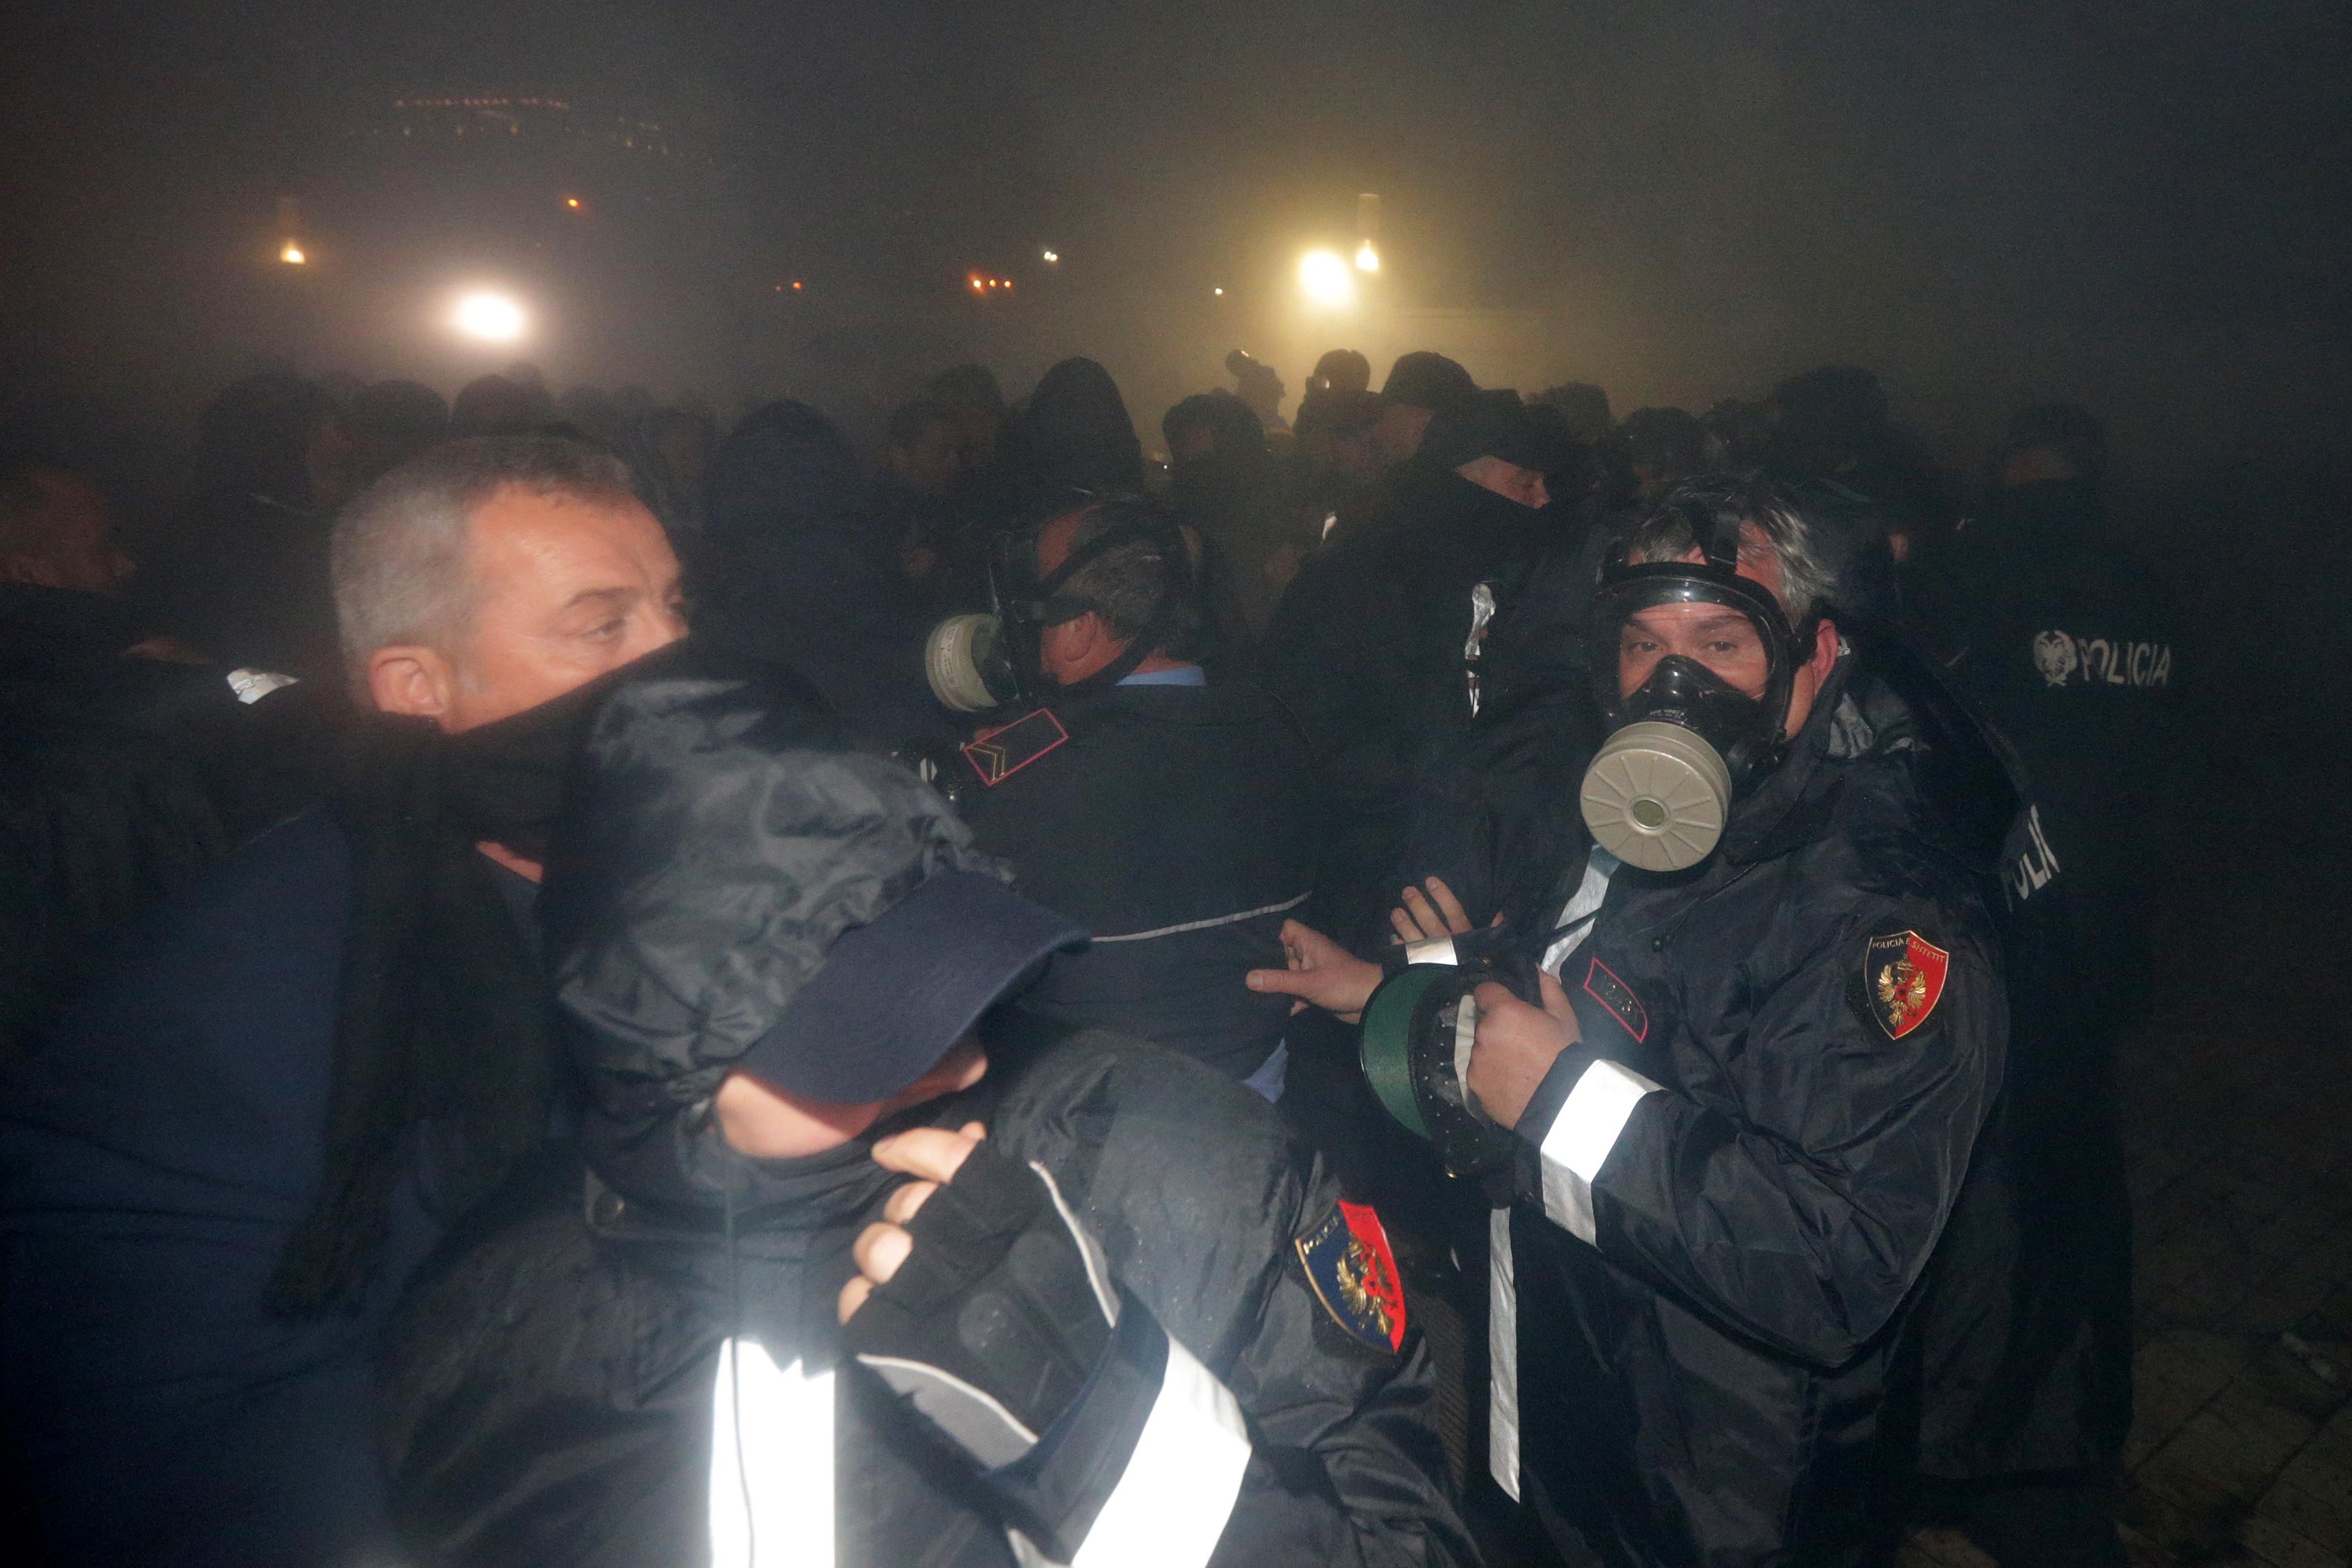 شوهد ضباط الشرطة خلال مظاهرة مناهضة للحكومة أمام مبنى البرلمان في تيرانا